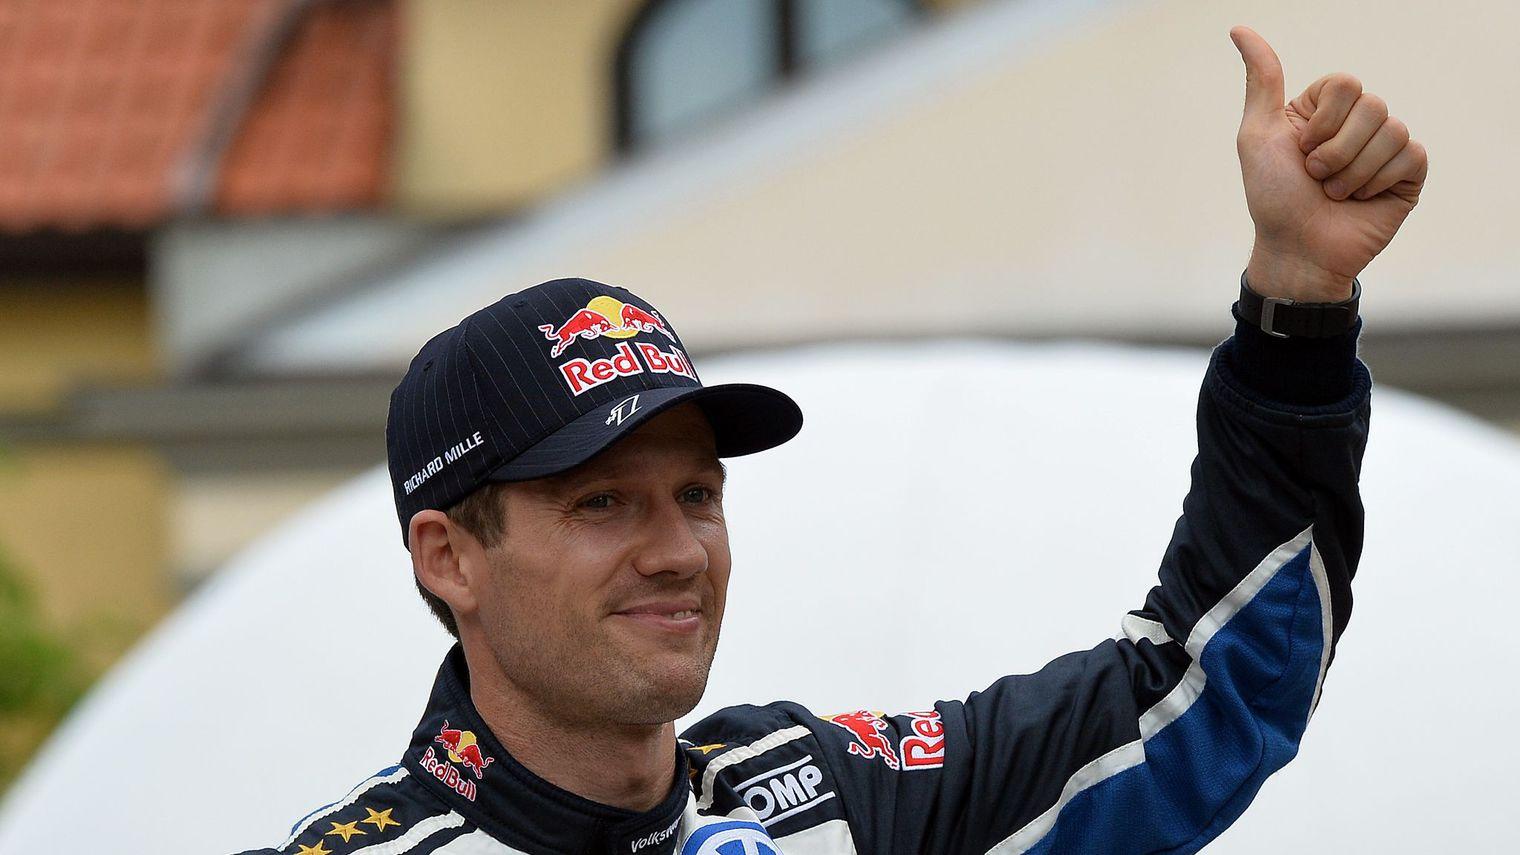 Regarder le Rallye WRC de Grande-Bretagne en direct : Résultat et replay Sébastien Ogier, le Champion du monde